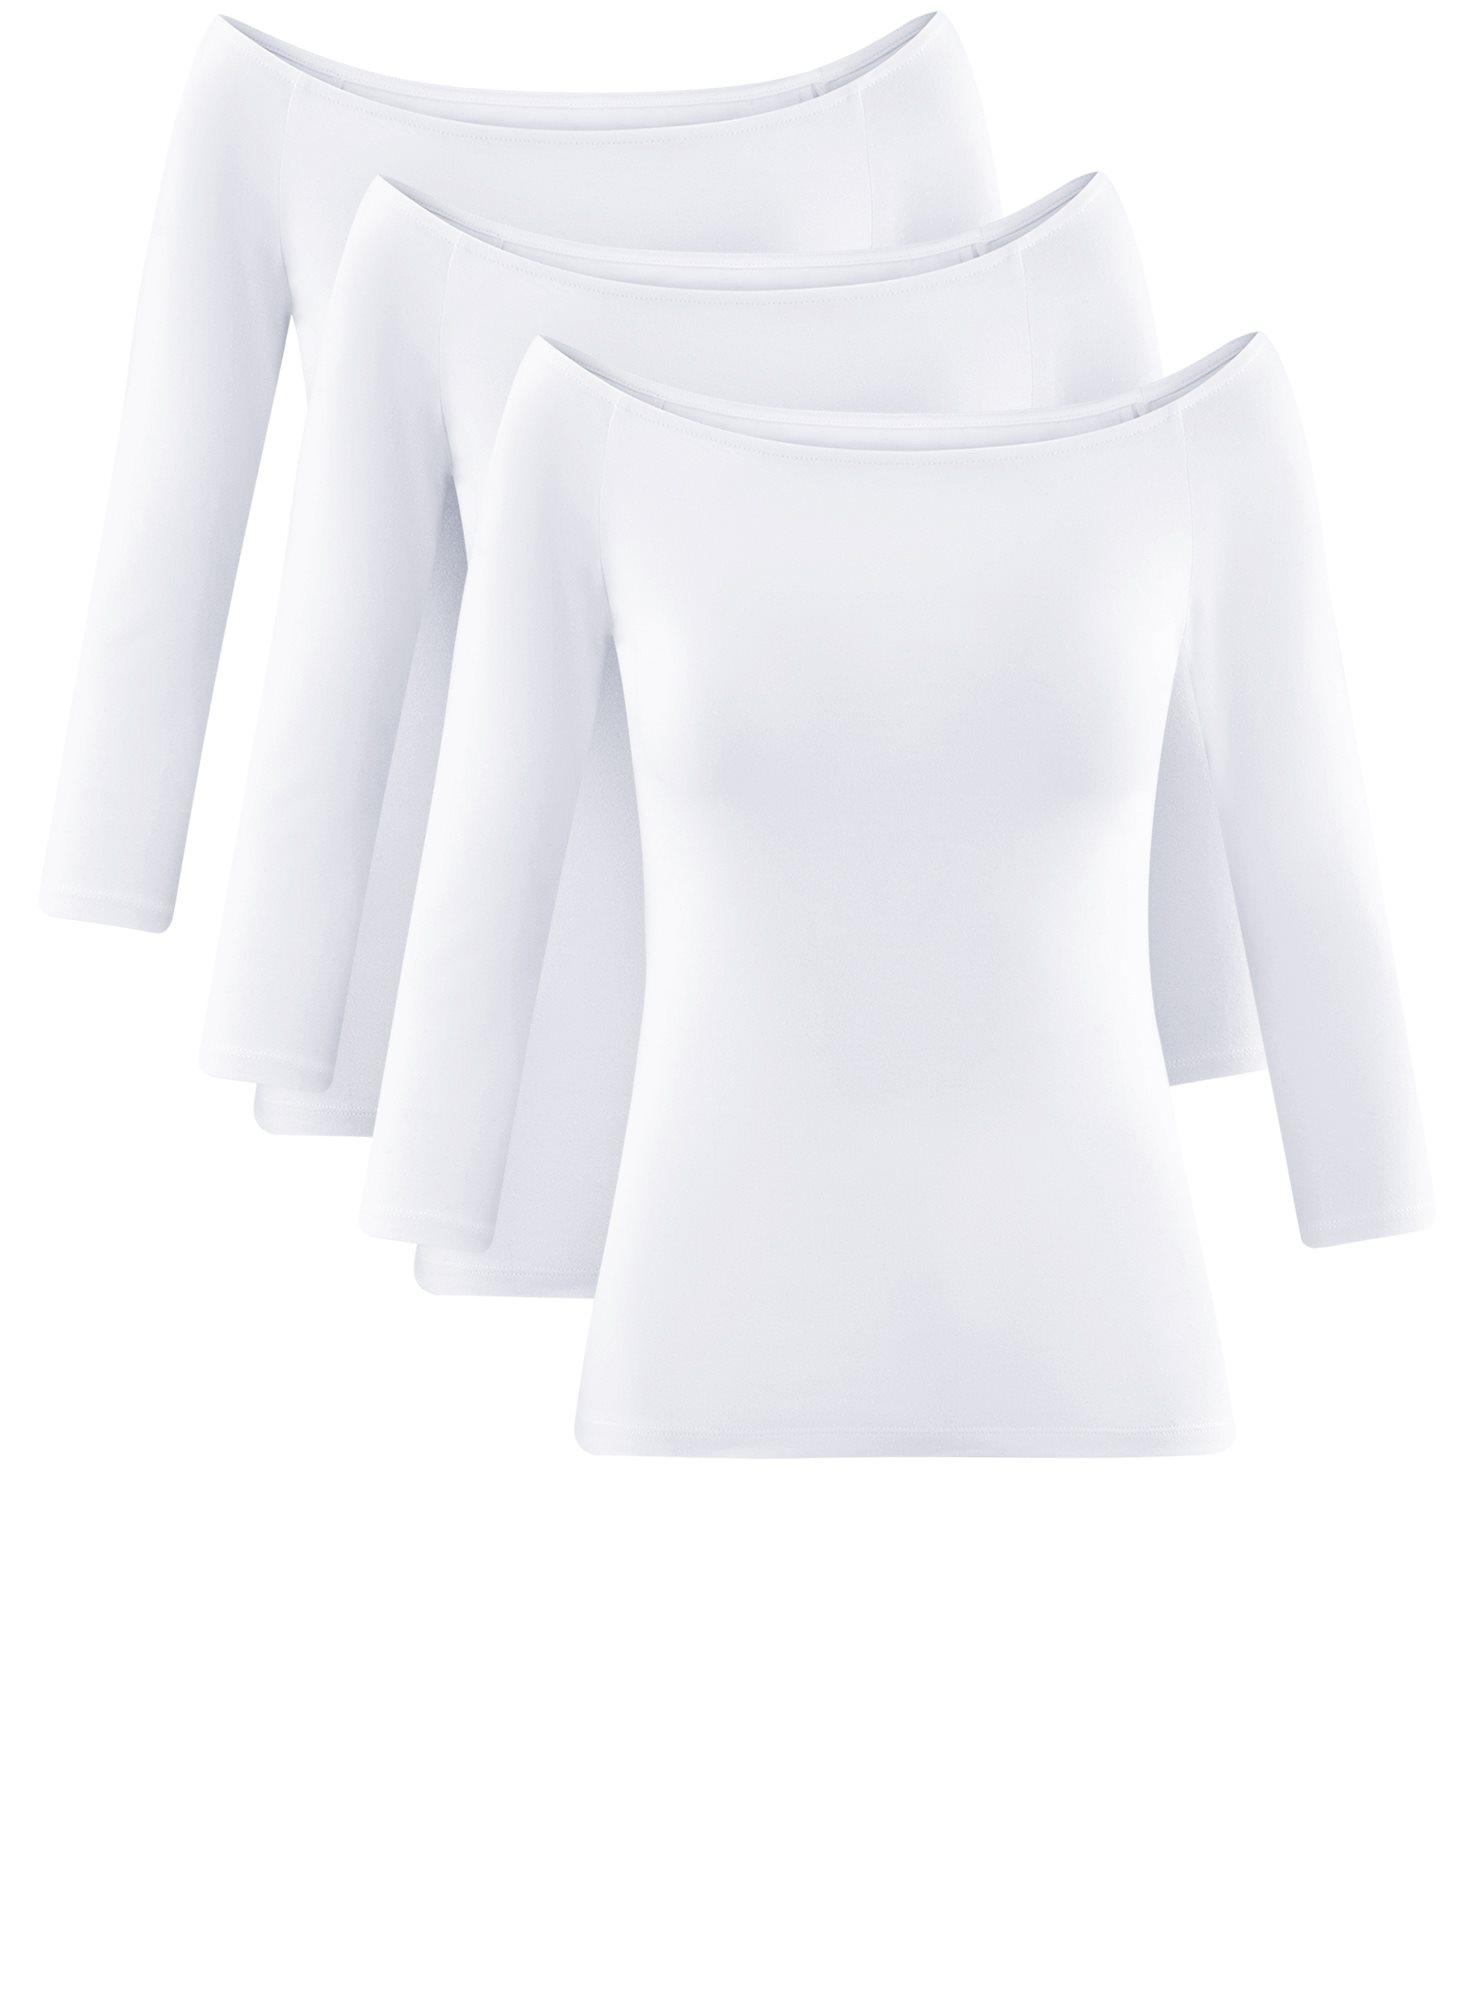 Футболка с открытыми плечами (комплект из 3 штук) oodji для женщины (белый), 14207007T3/46867/1000N